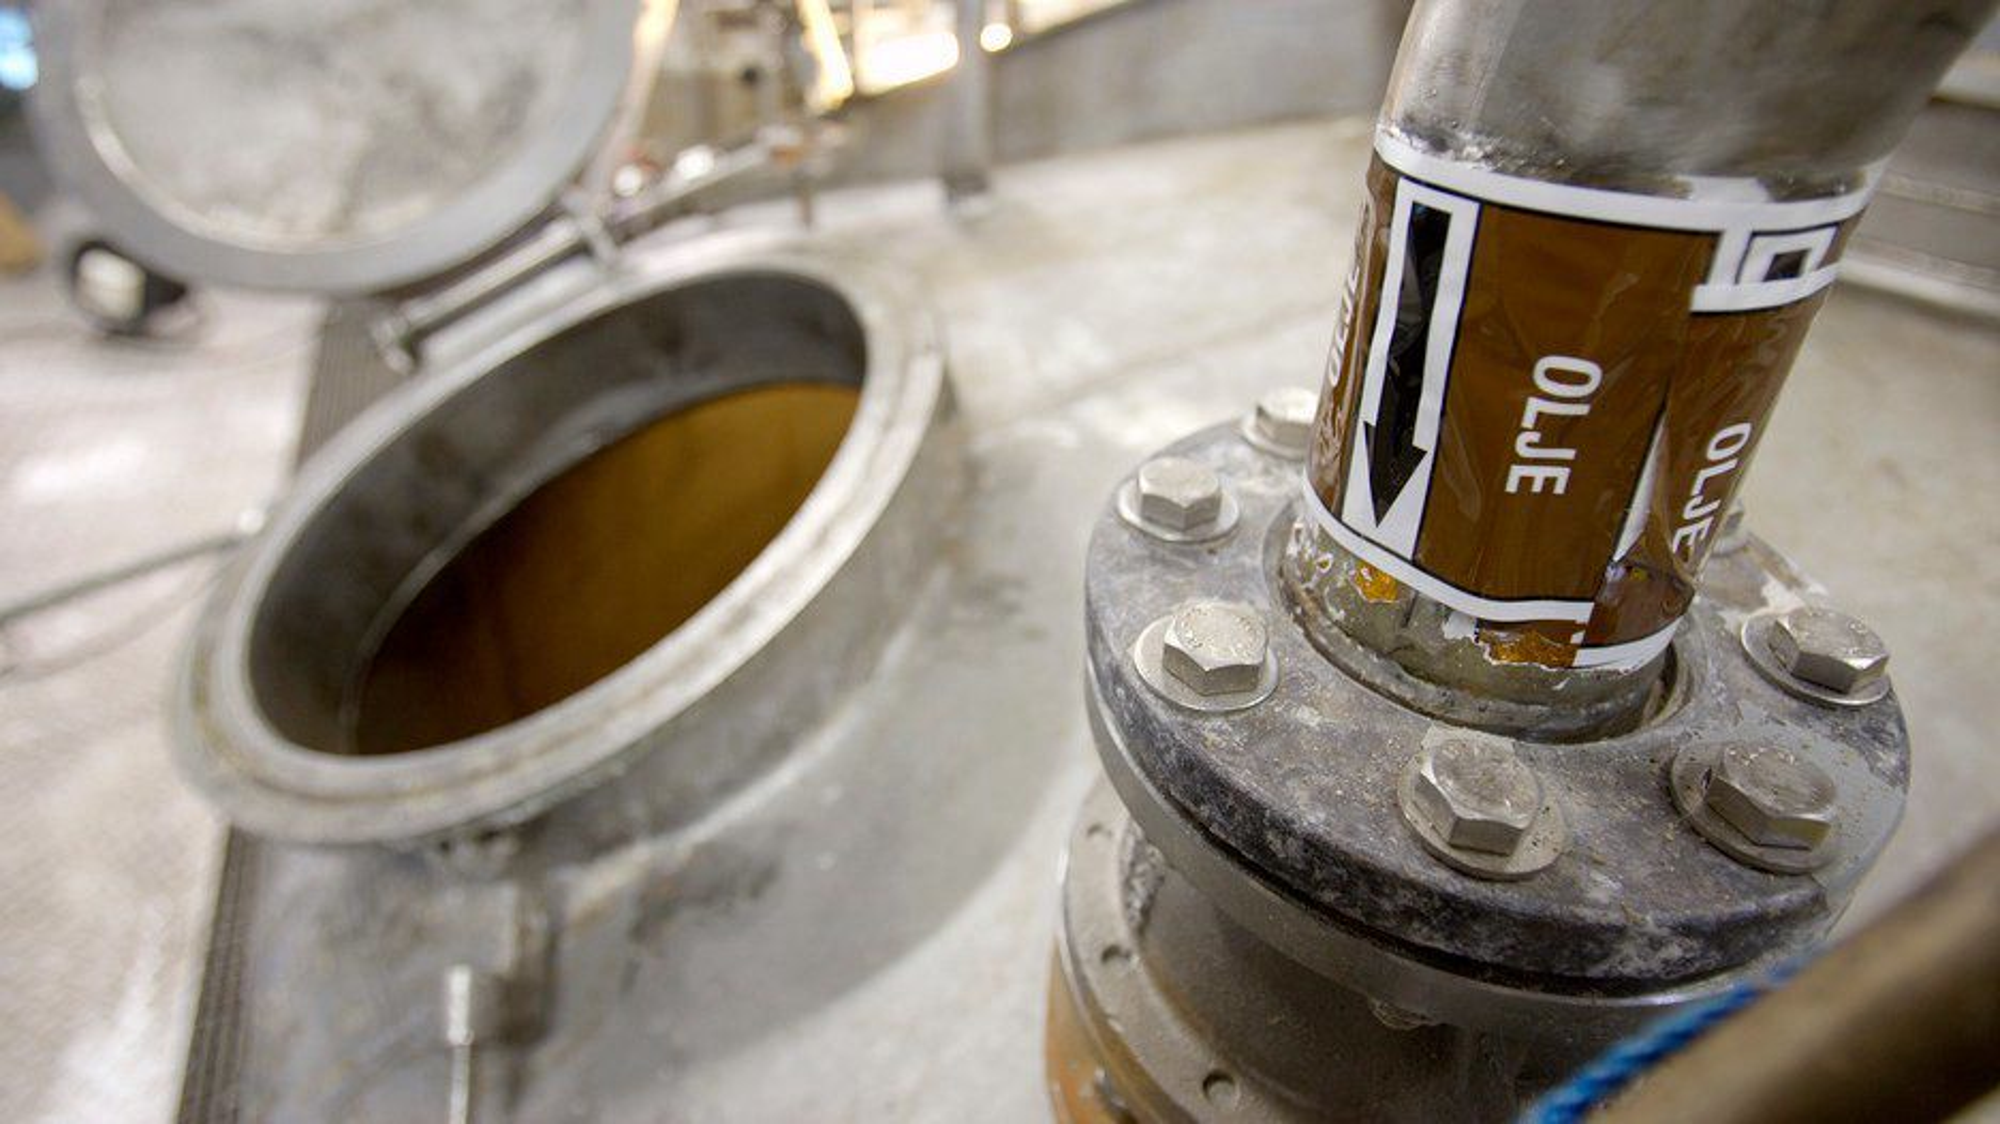 BV Energis biodieselfabrikk på Hurum.